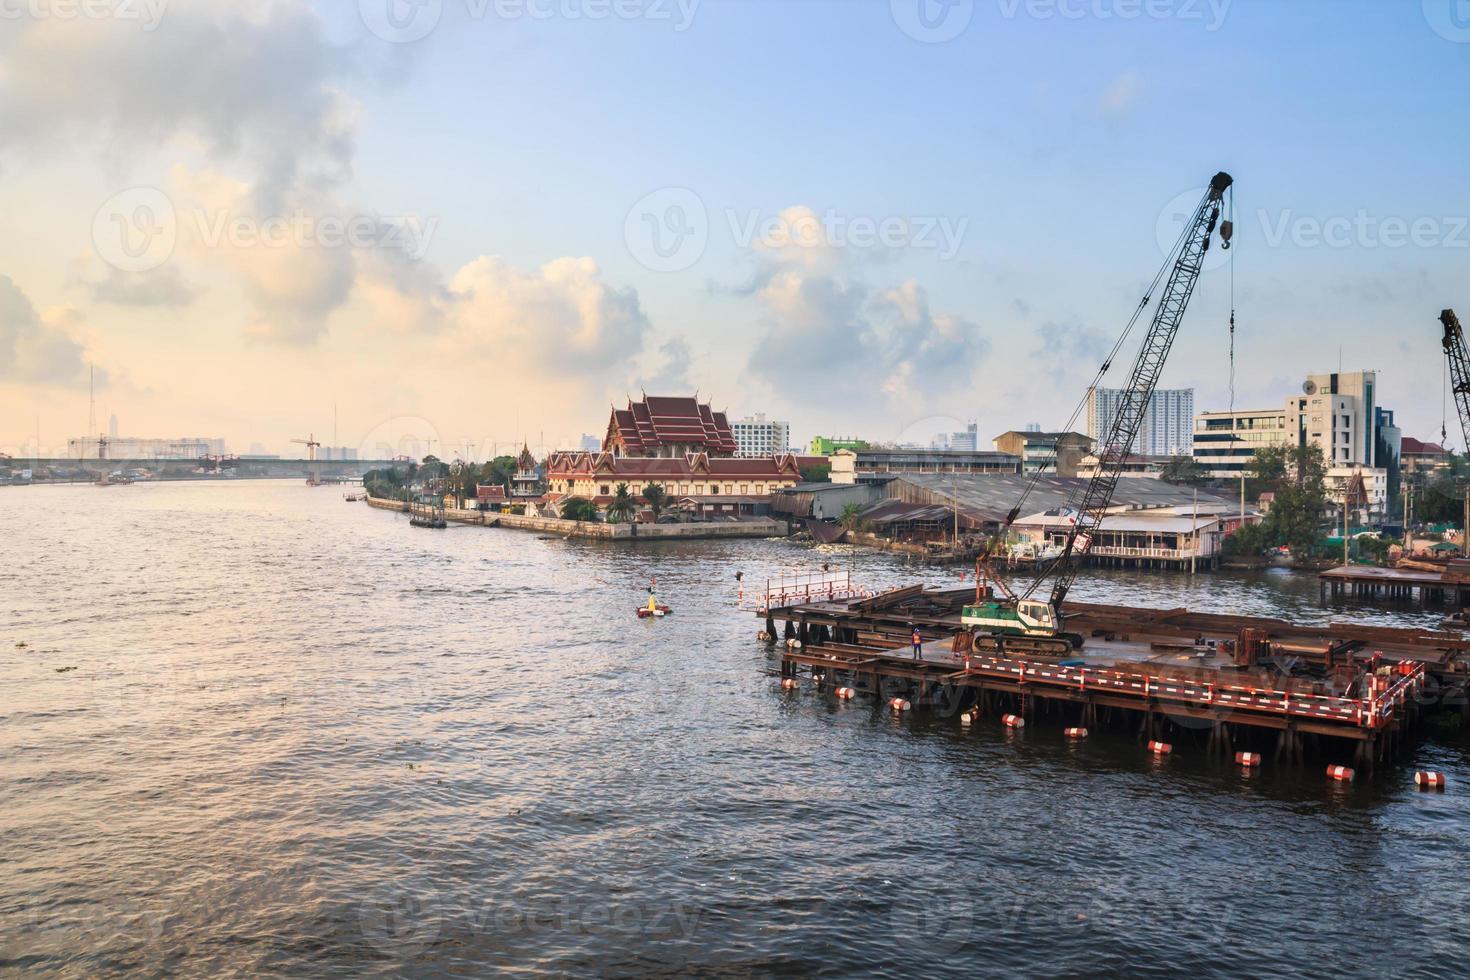 sitio de construcción en el río foto